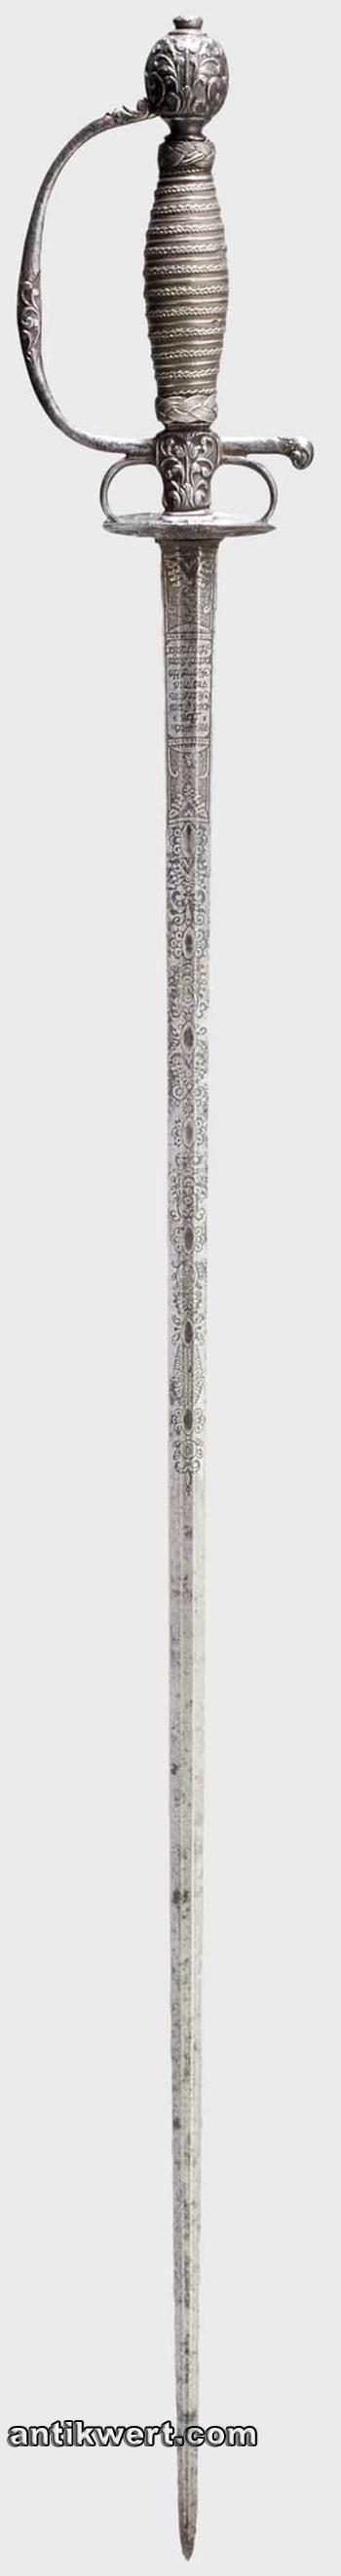 galadegen-eisengeschnitten-725 komplett